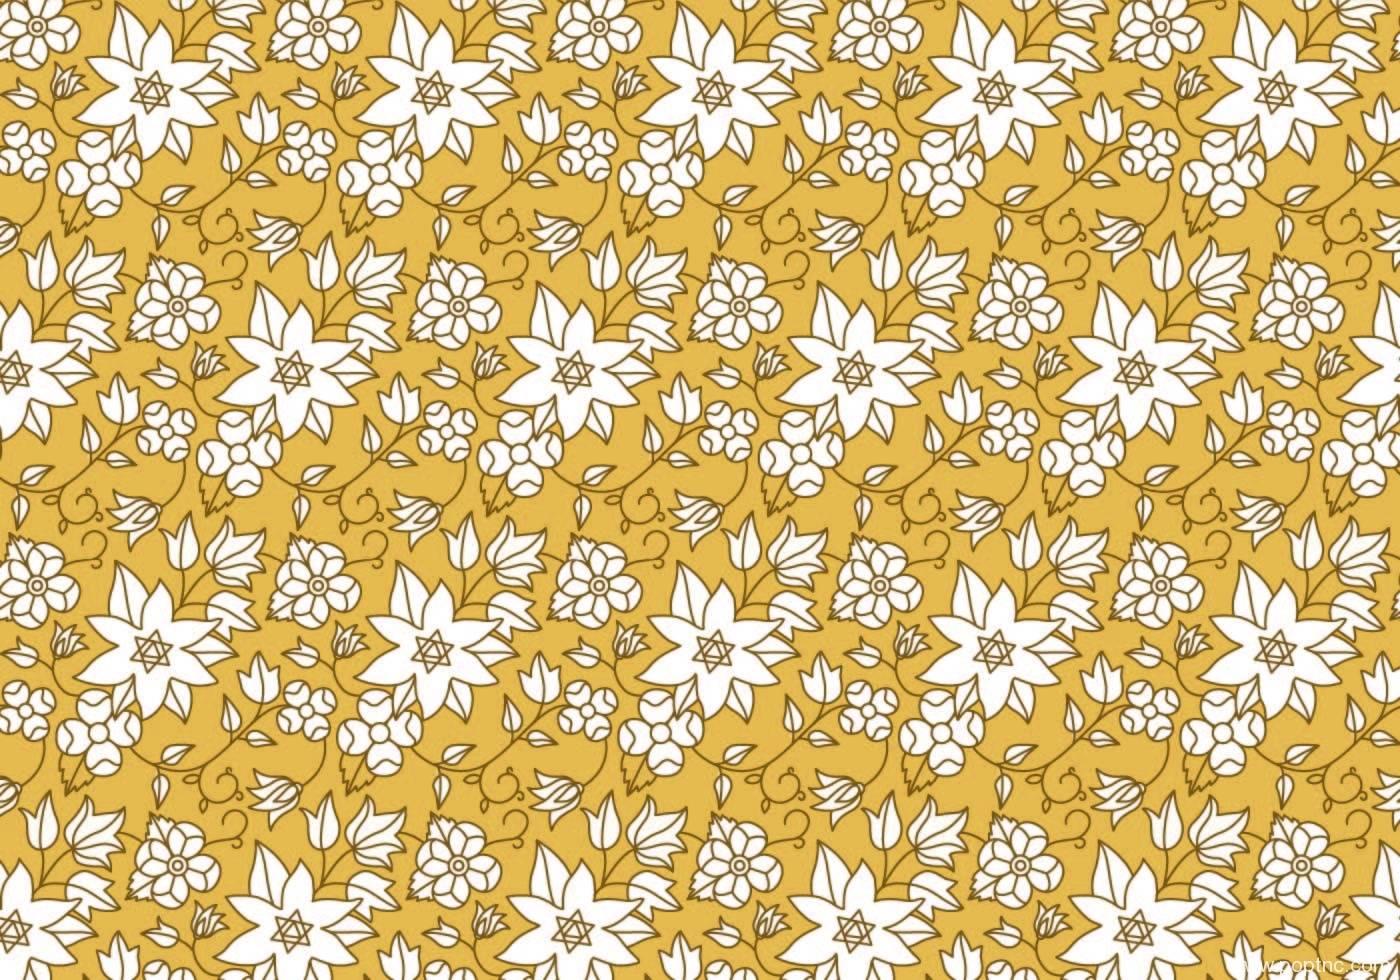 黄色底色白色花朵拼接无限循环矢量图-POP花型网